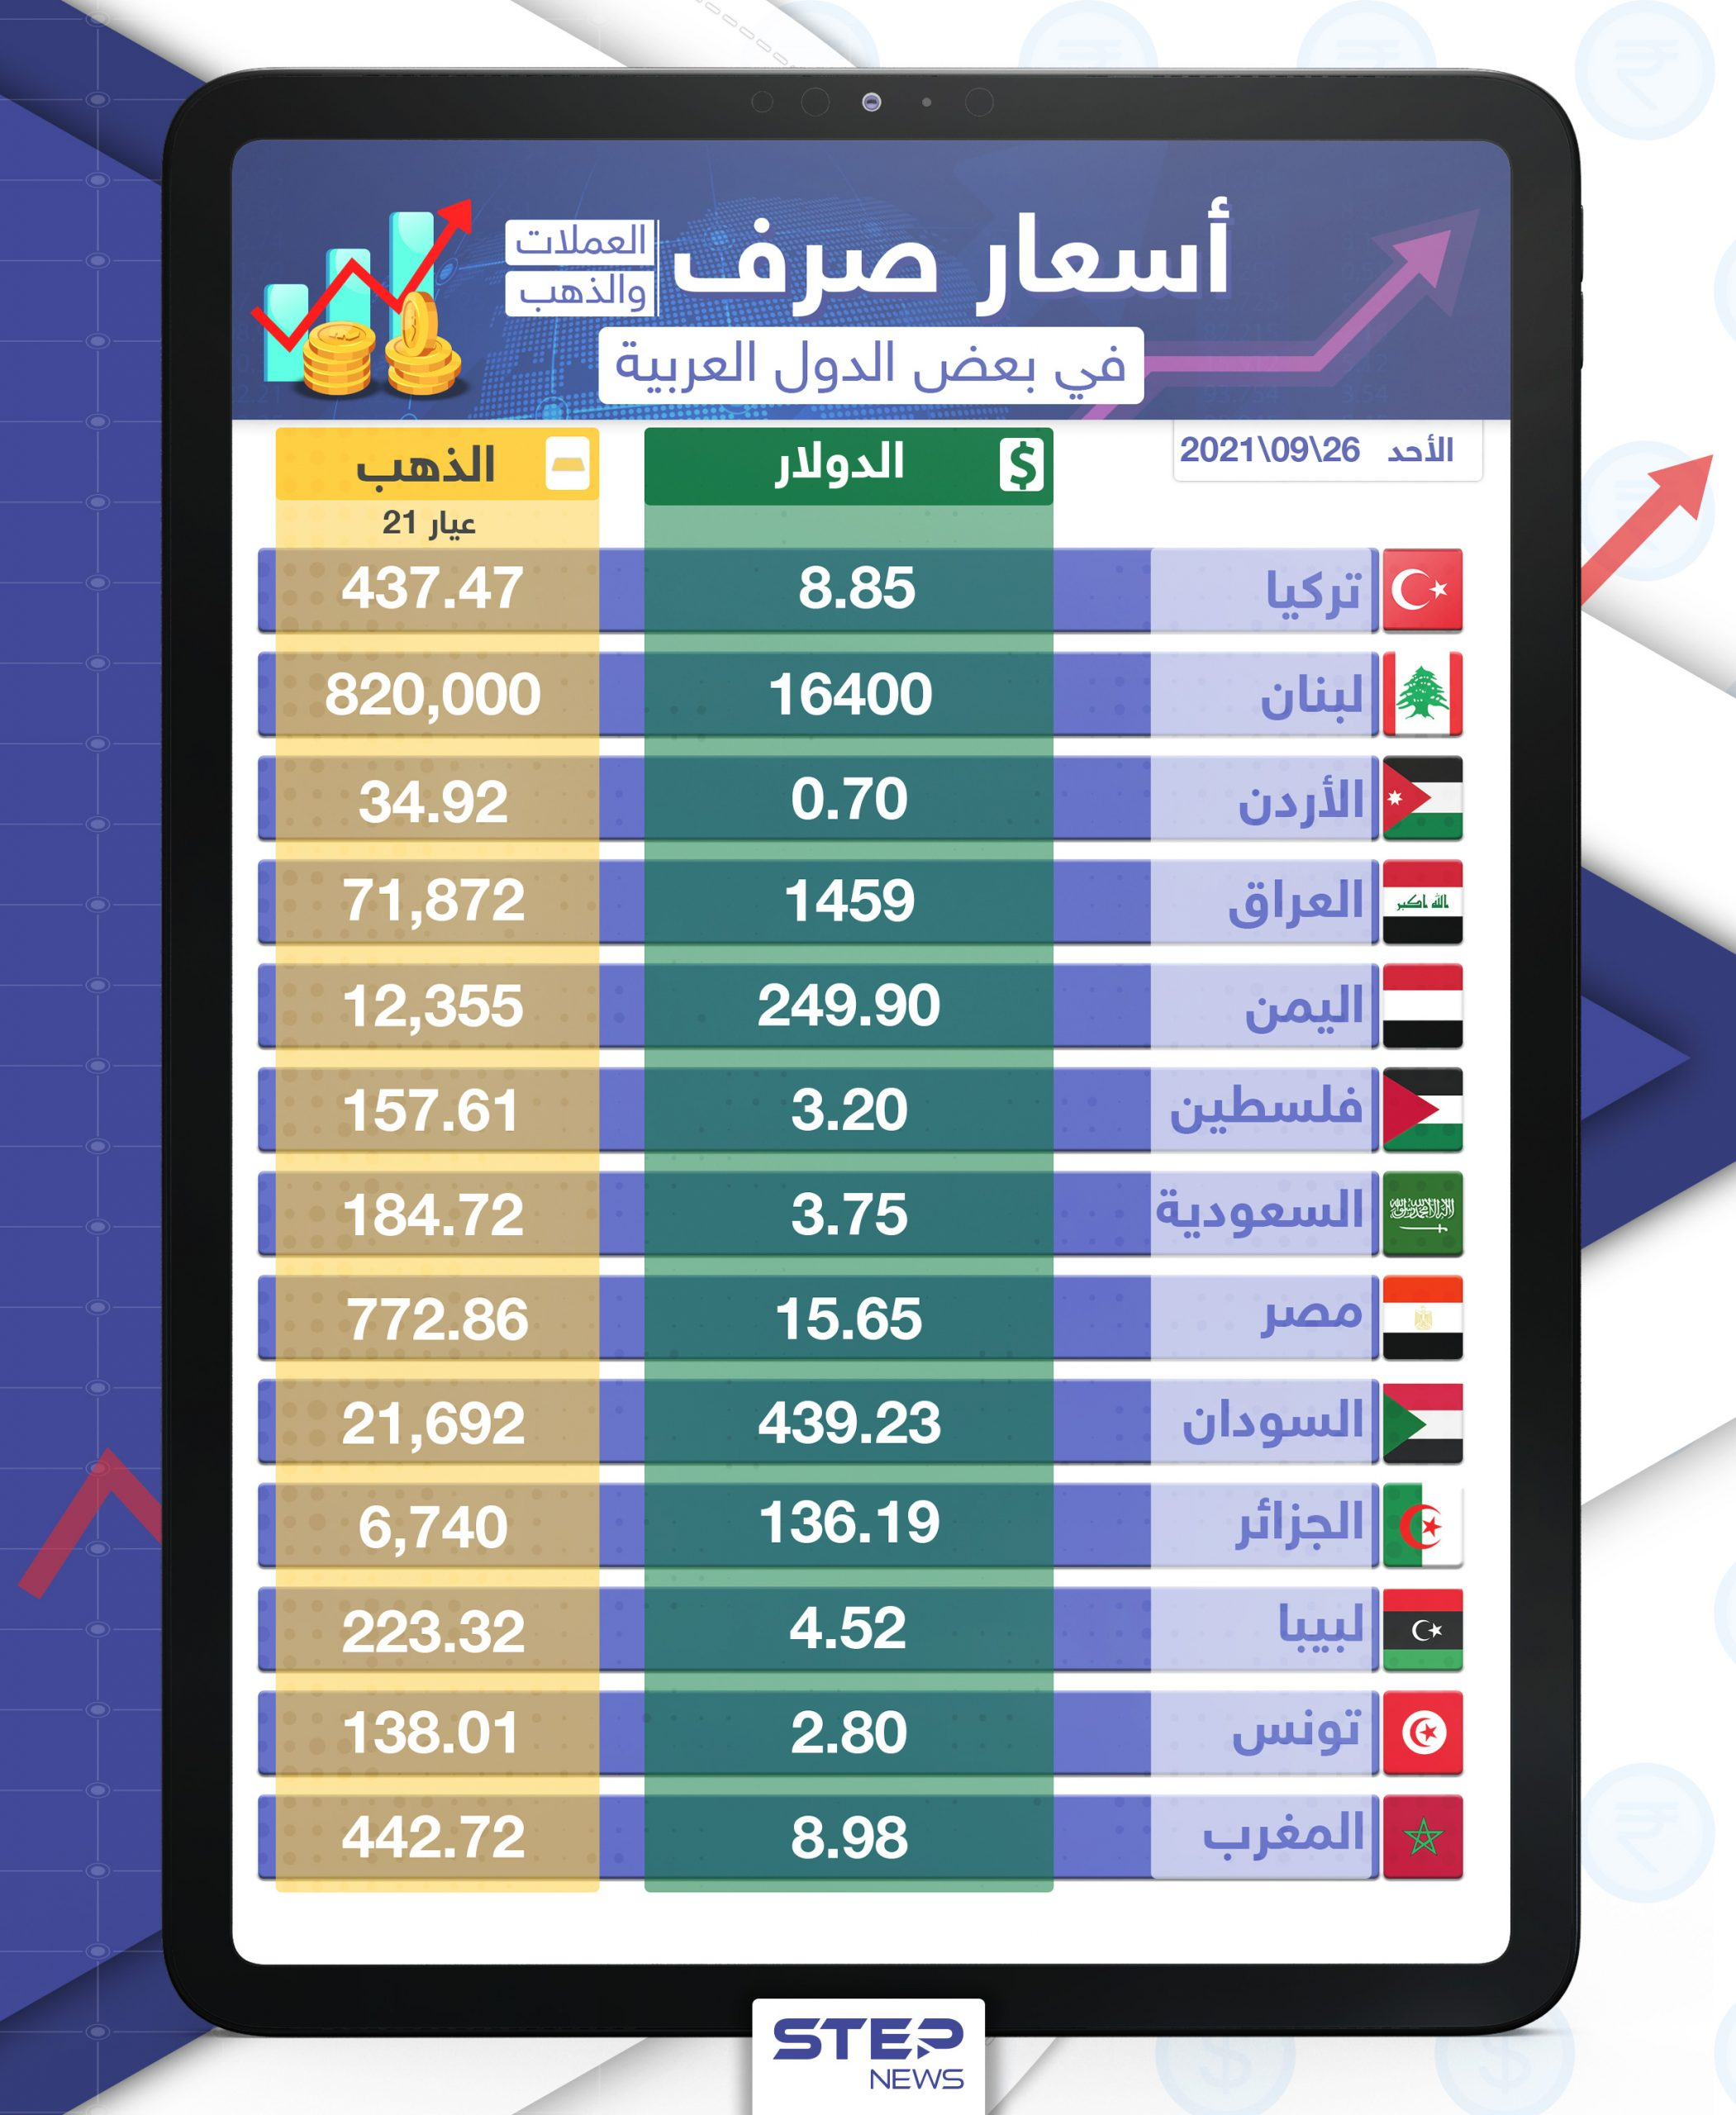 أسعار الذهب والعملات للدول العربية وتركيا اليوم الأحد الموافق 26 أيلول 2021